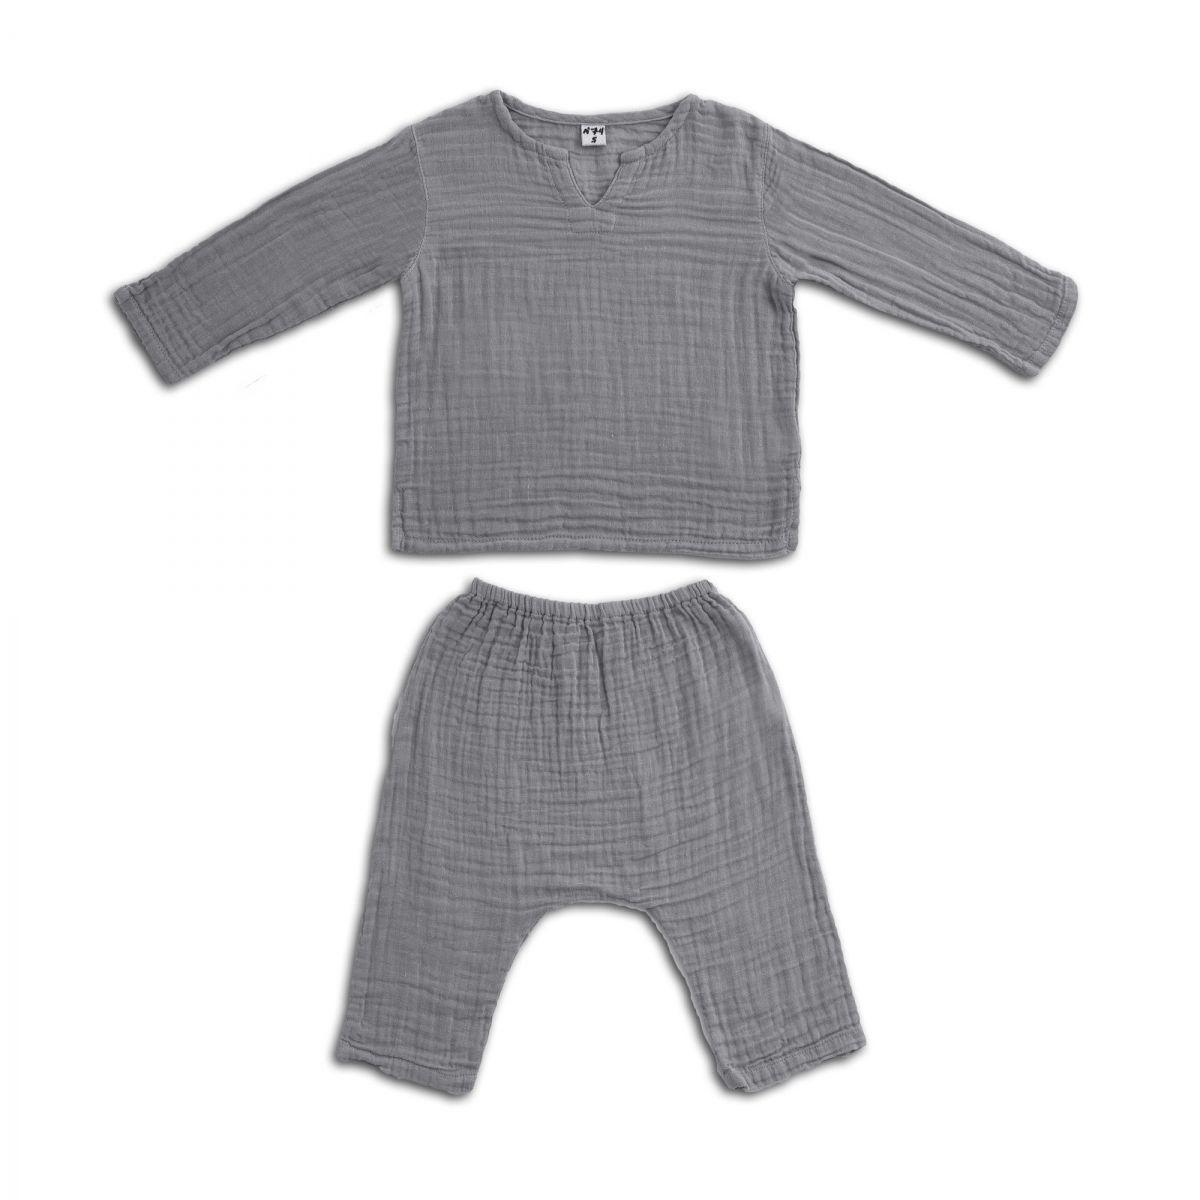 Numero 74 Komplet Zac koszulka & spodnie kamienny szary